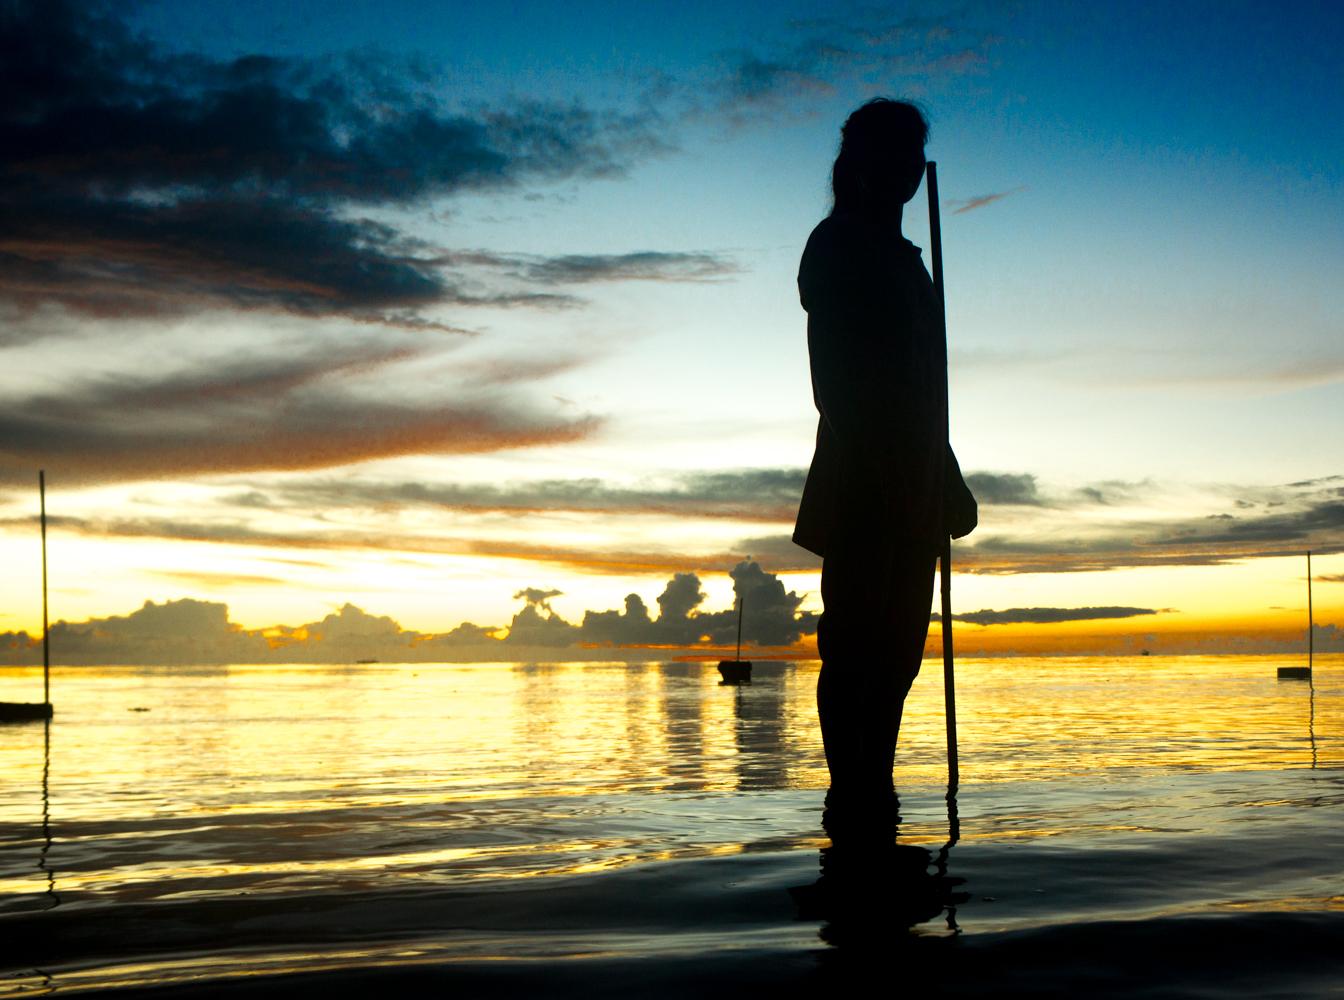 ron visser fotografie-krijger in zee